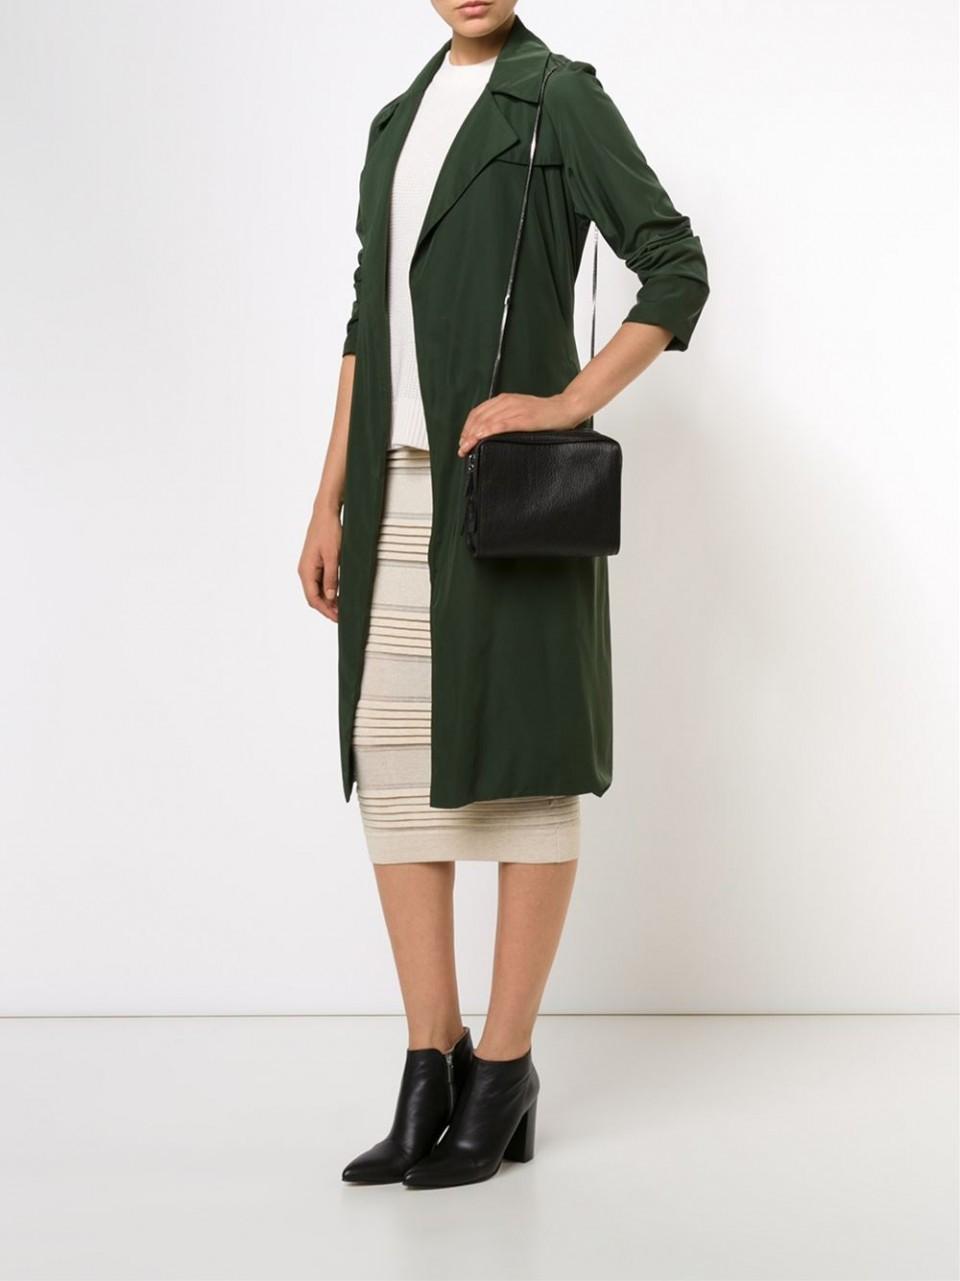 3.1 Phillip Lim Soleil Mini Crossbody Bag in Black